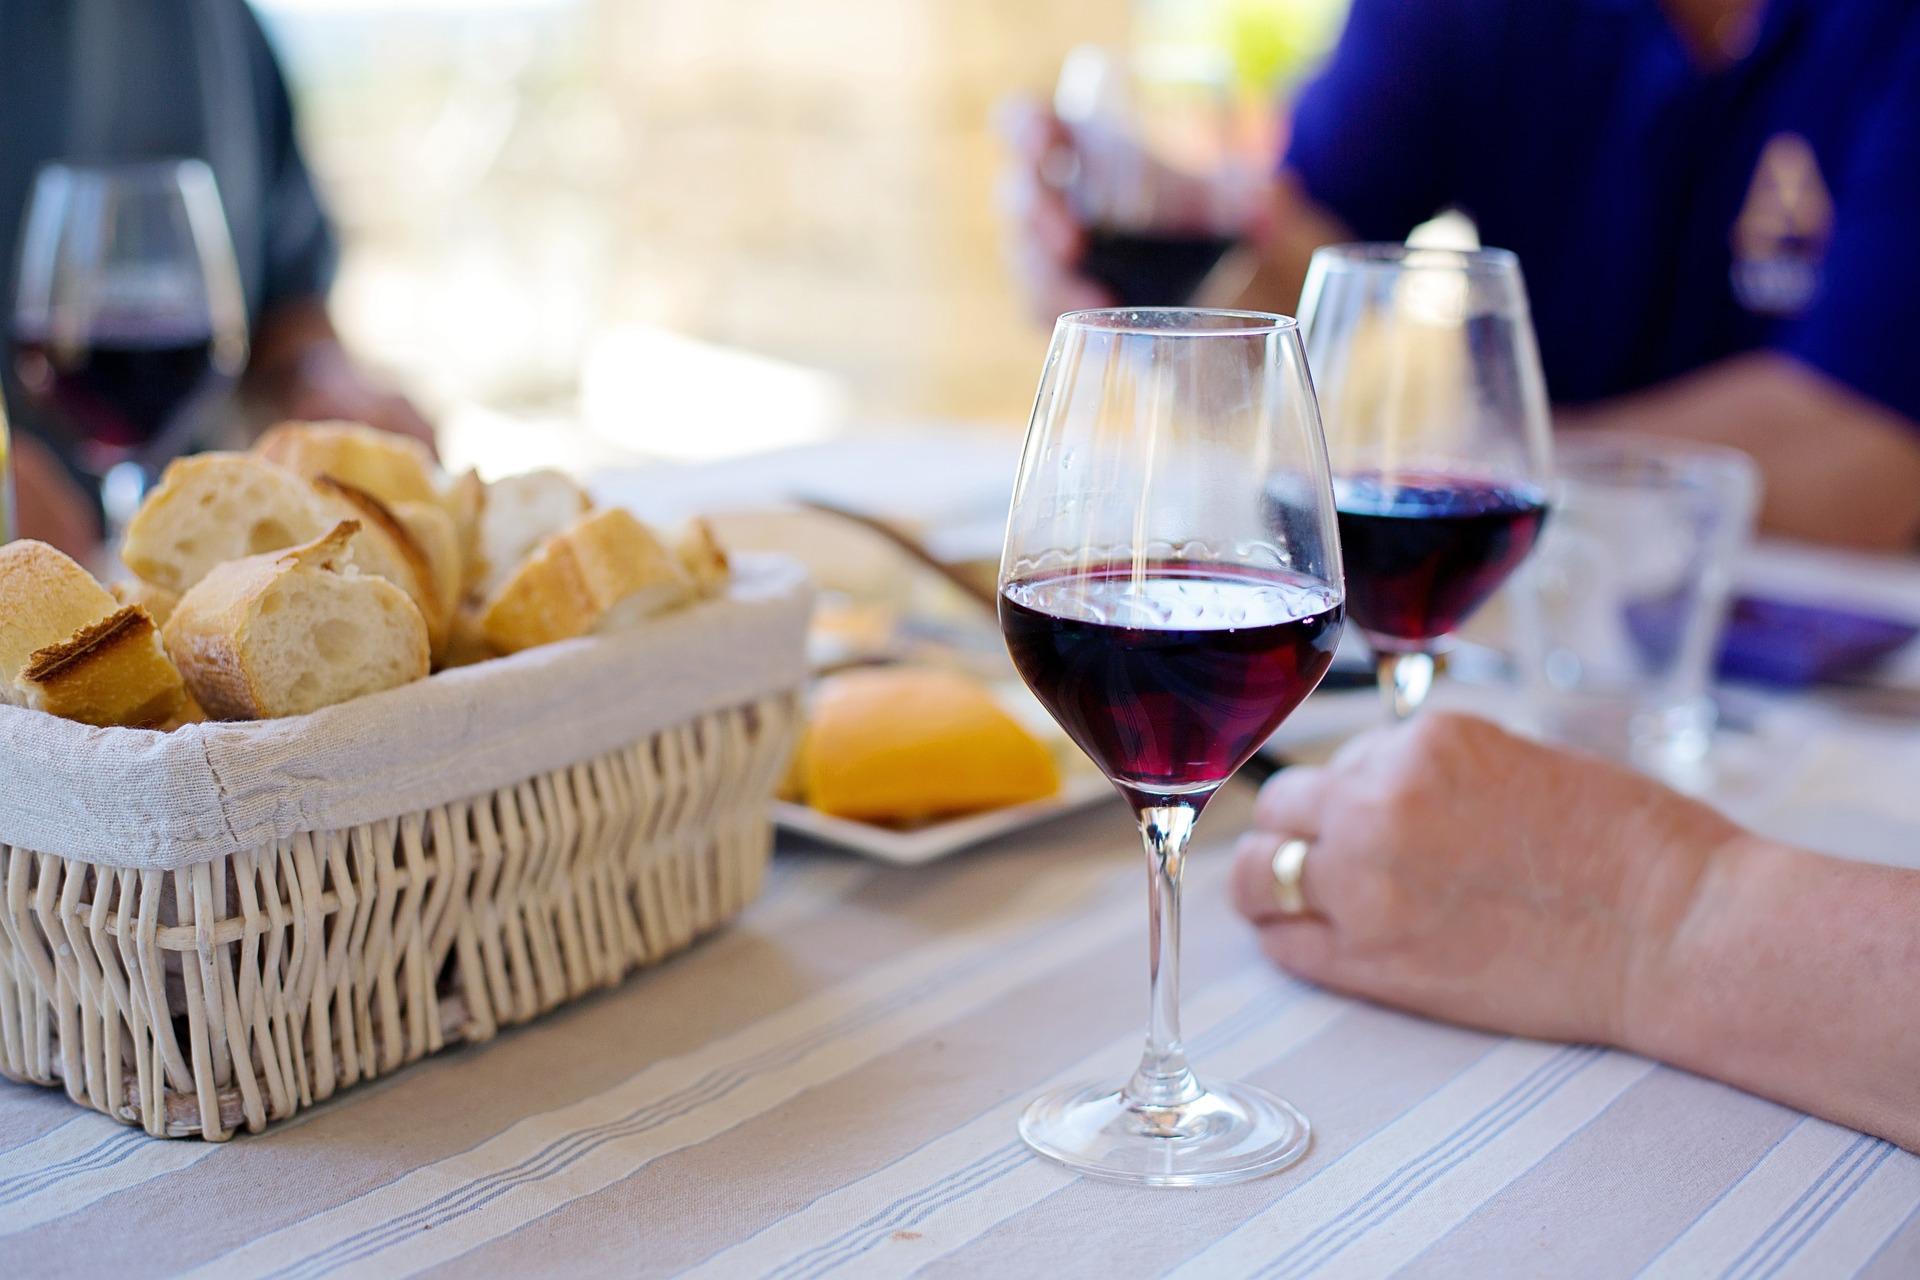 Dovolená a víno patří k sobě